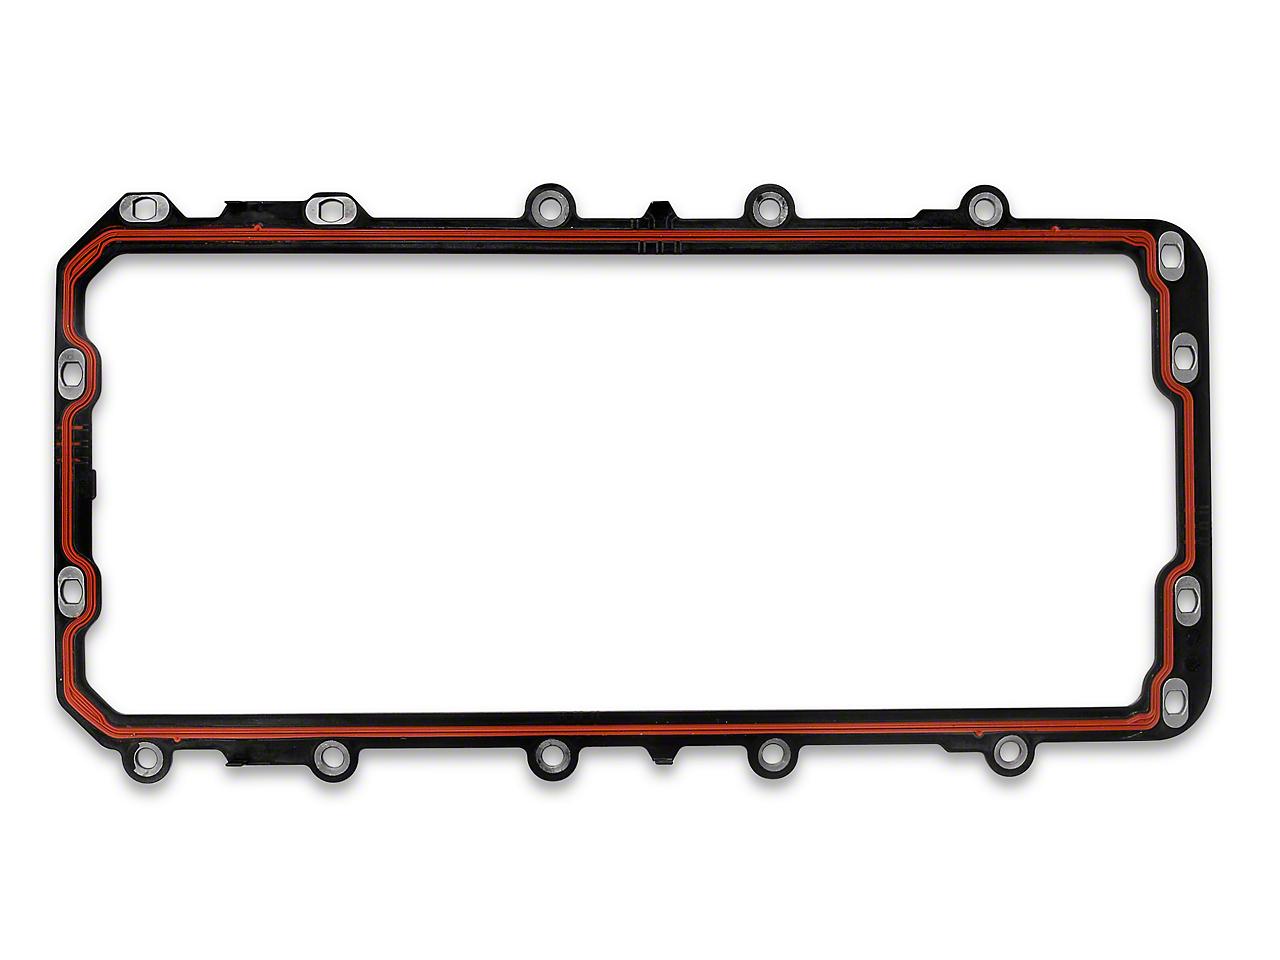 Canton Oil Pan Gasket (96-09 4.6L, 5.4L)